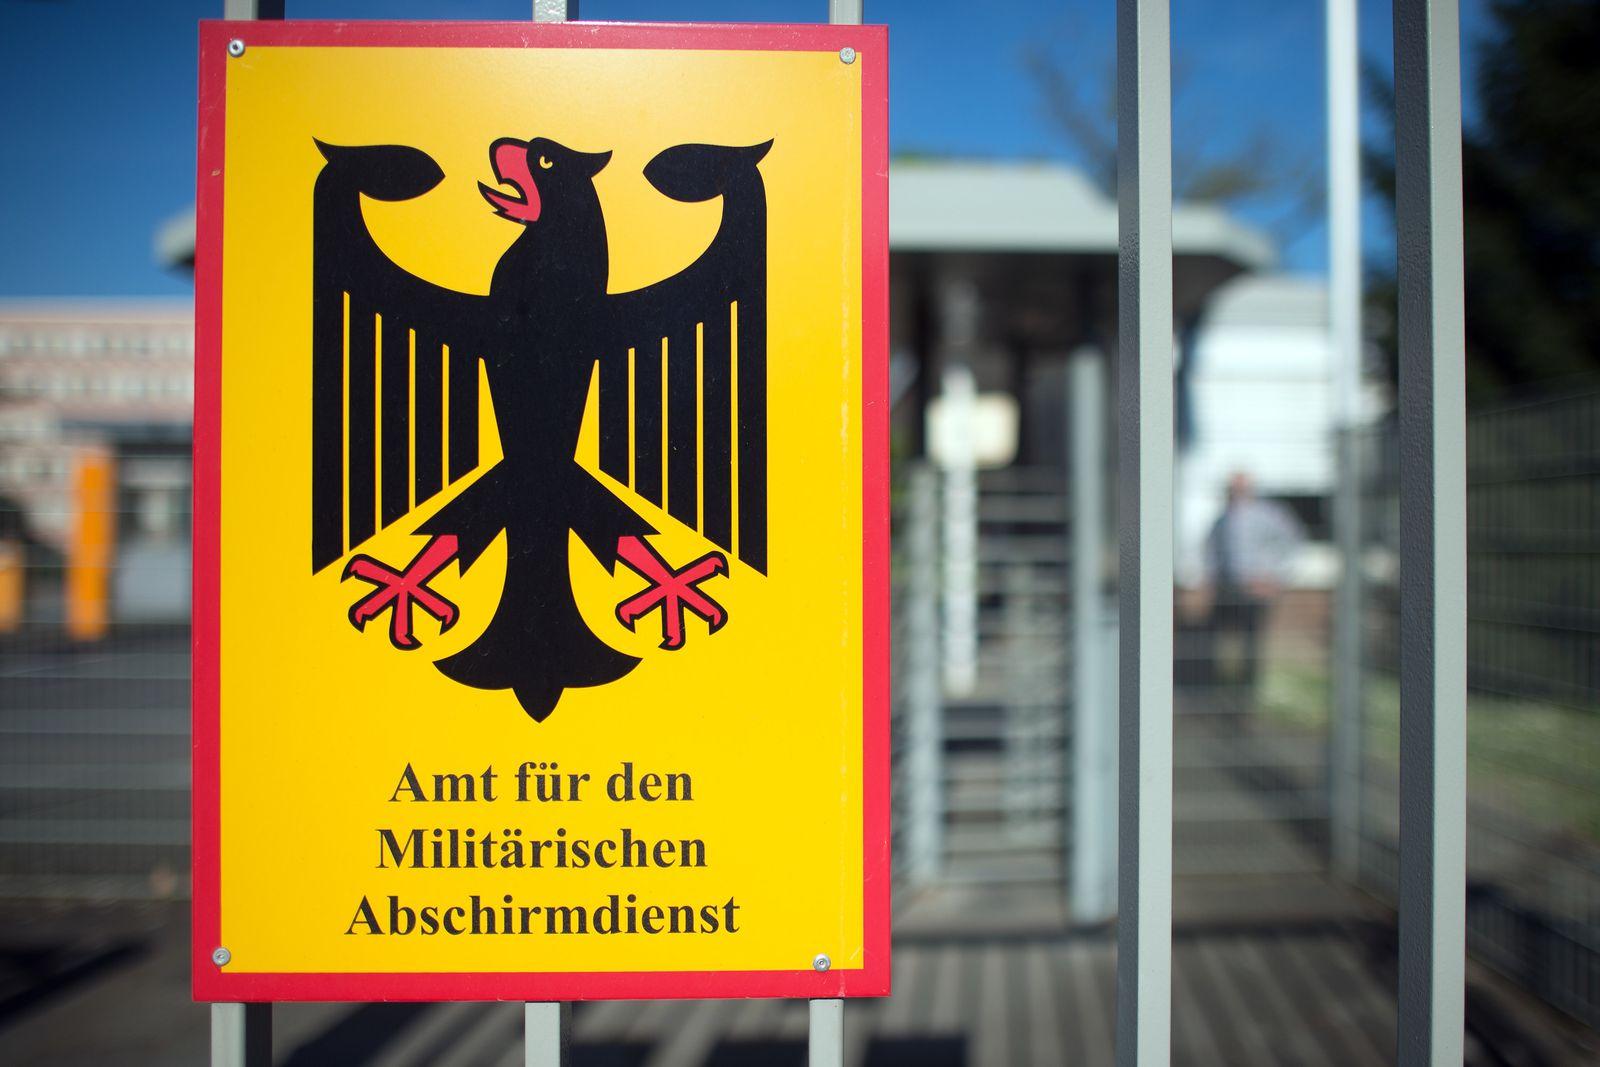 Militärischer Abschirmdienst (MAD)